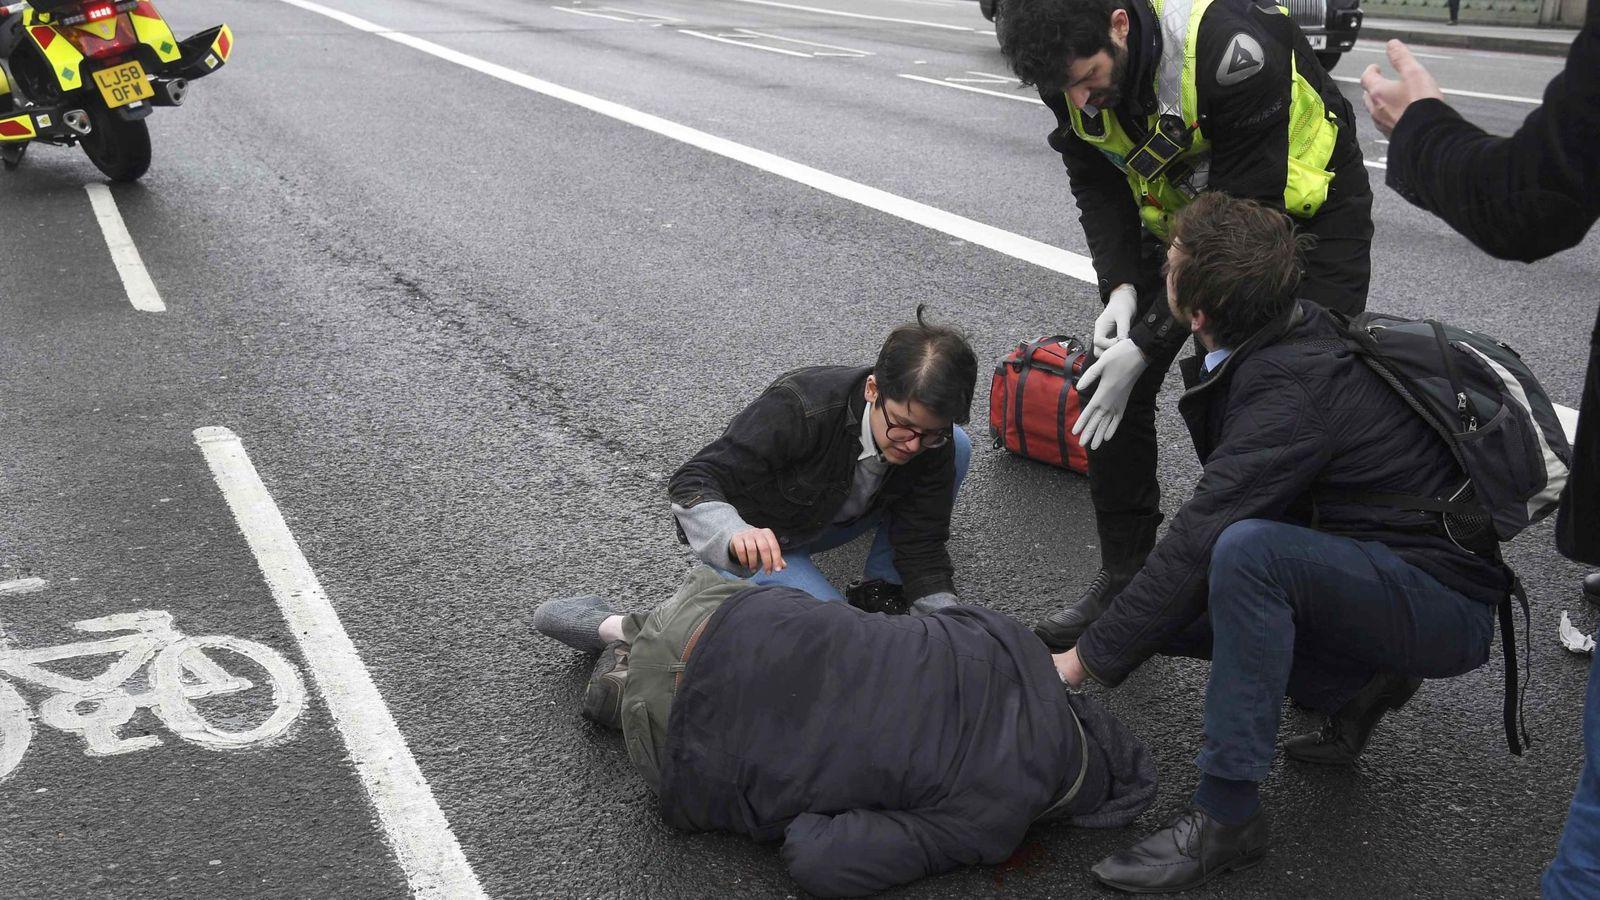 Foto: Una persona herida recibe asistencia tras el atropello en el puente de Westminster. (Reuters)